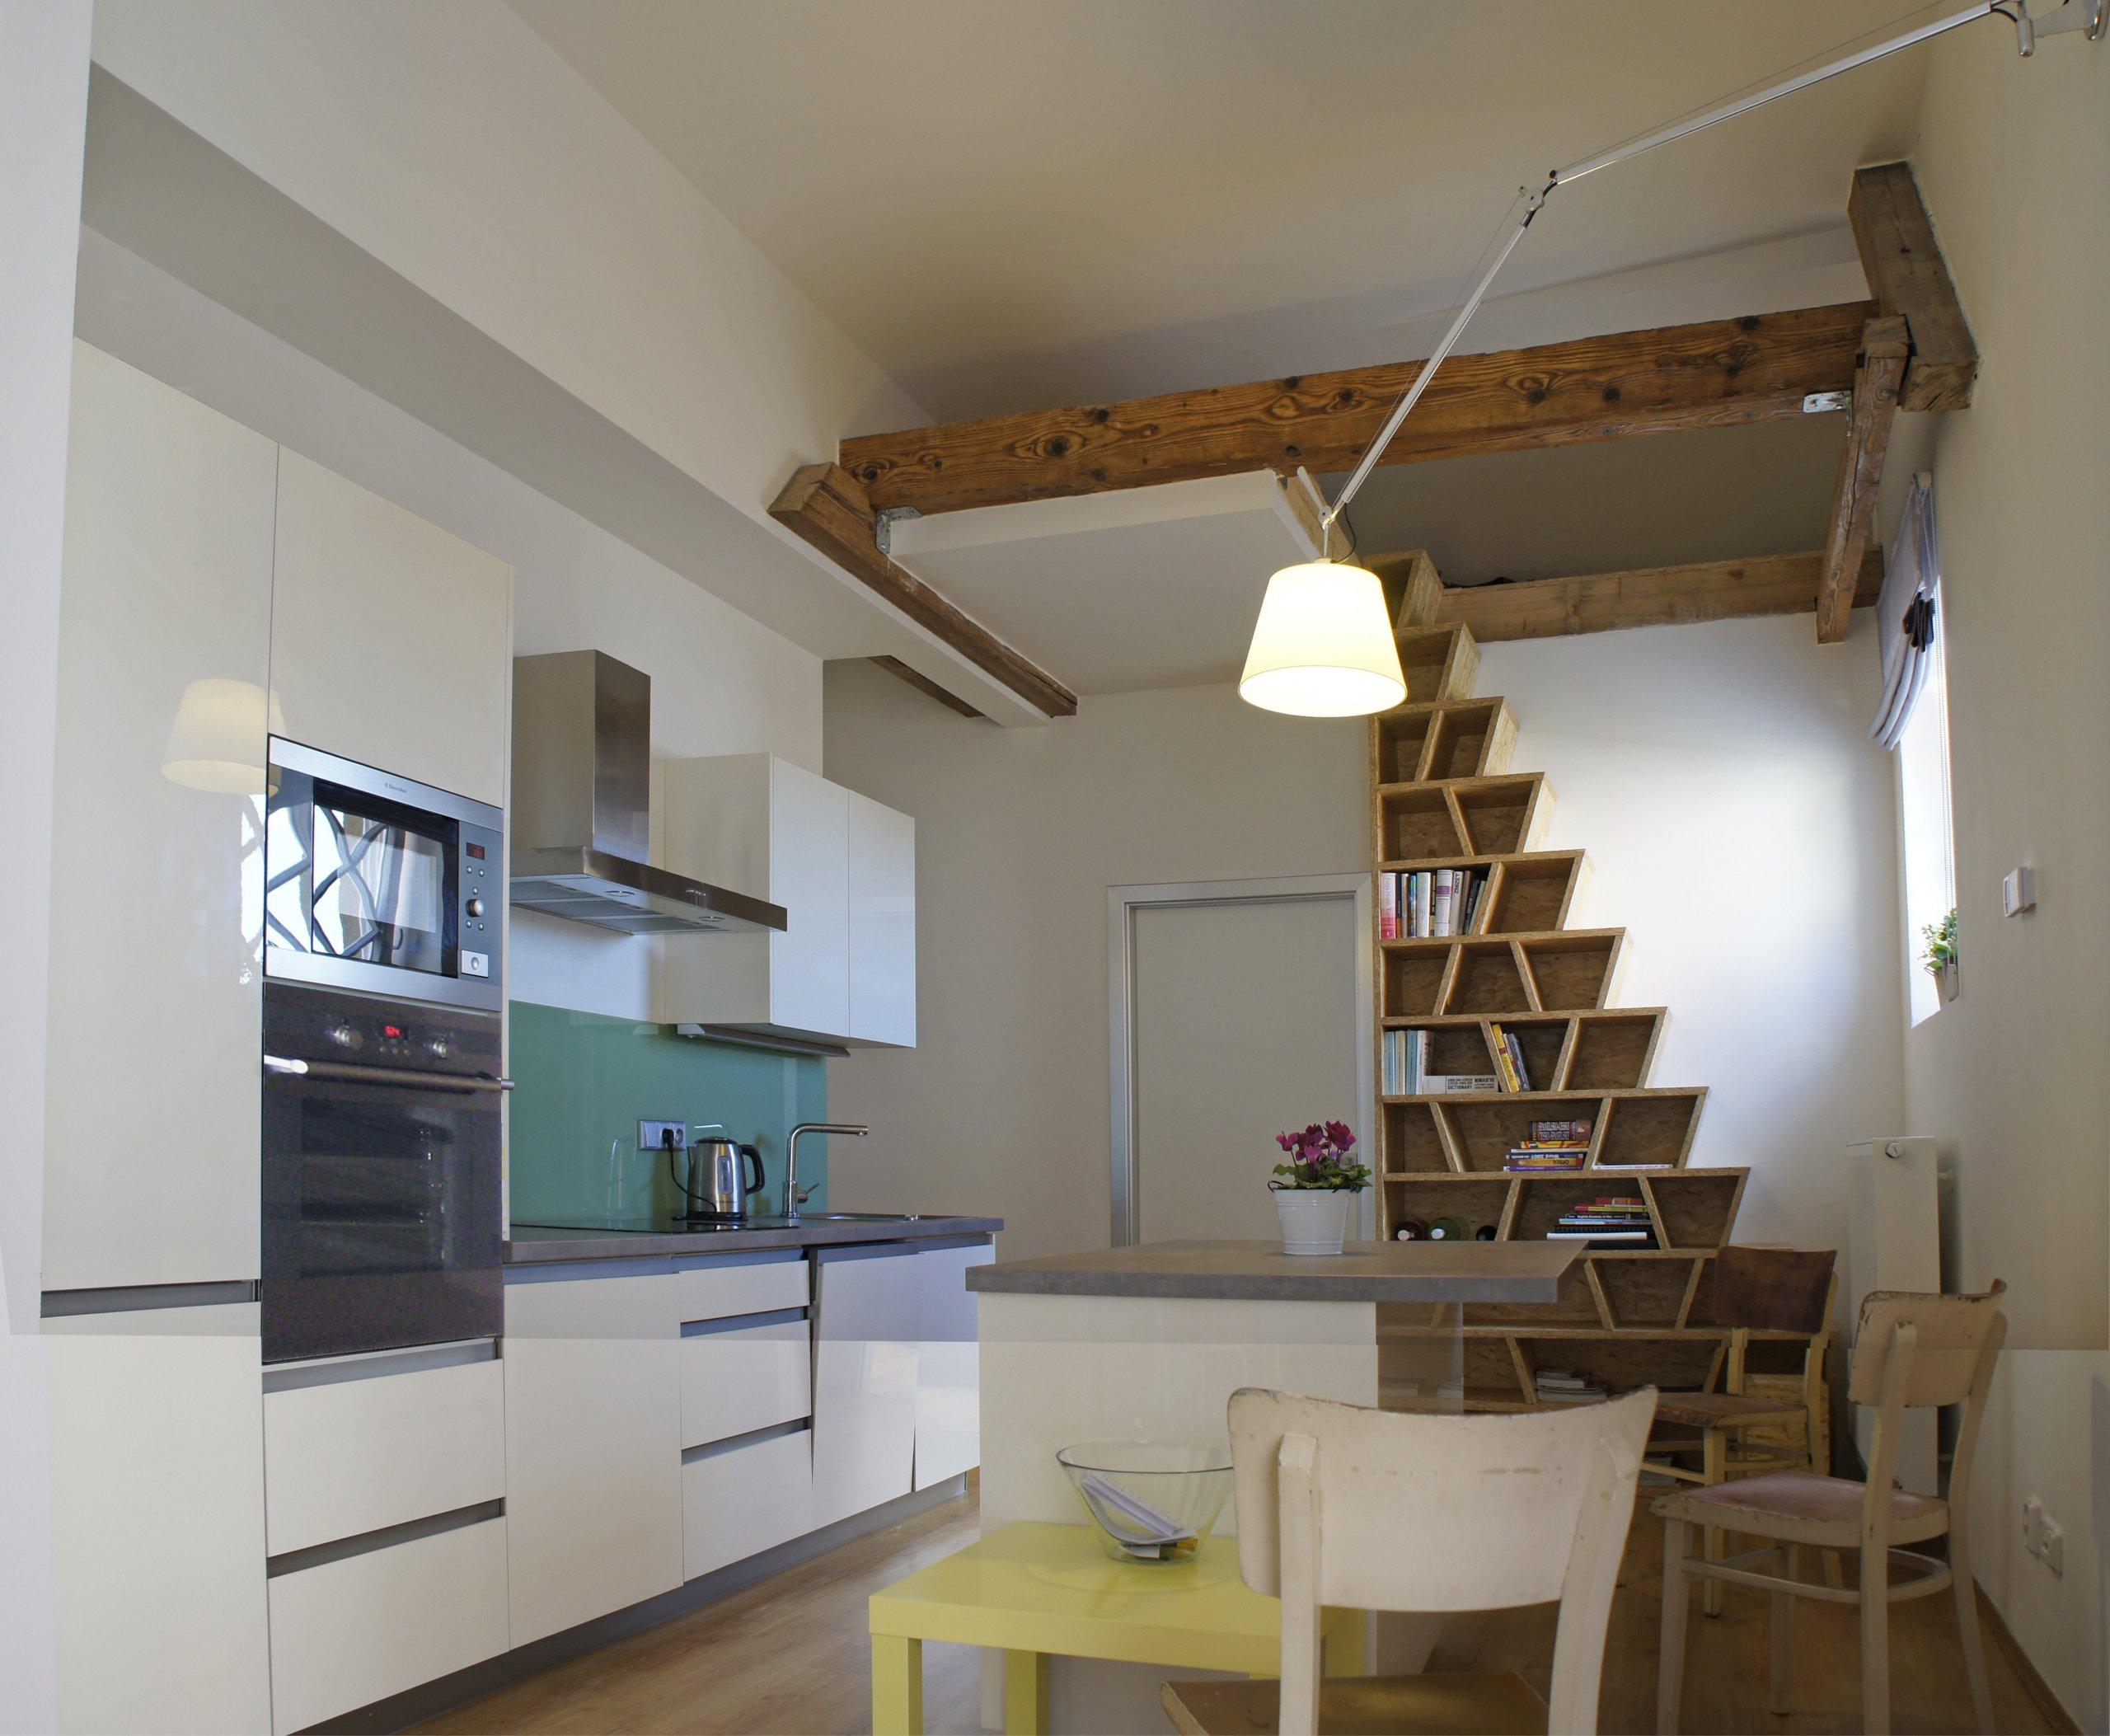 Úprava dispozice, nová ložnice a nad ní podkrovní prostor pro příležitostné přespání hostů. Výrazný design knihovny, sloužící také kvýstupu hostů do…